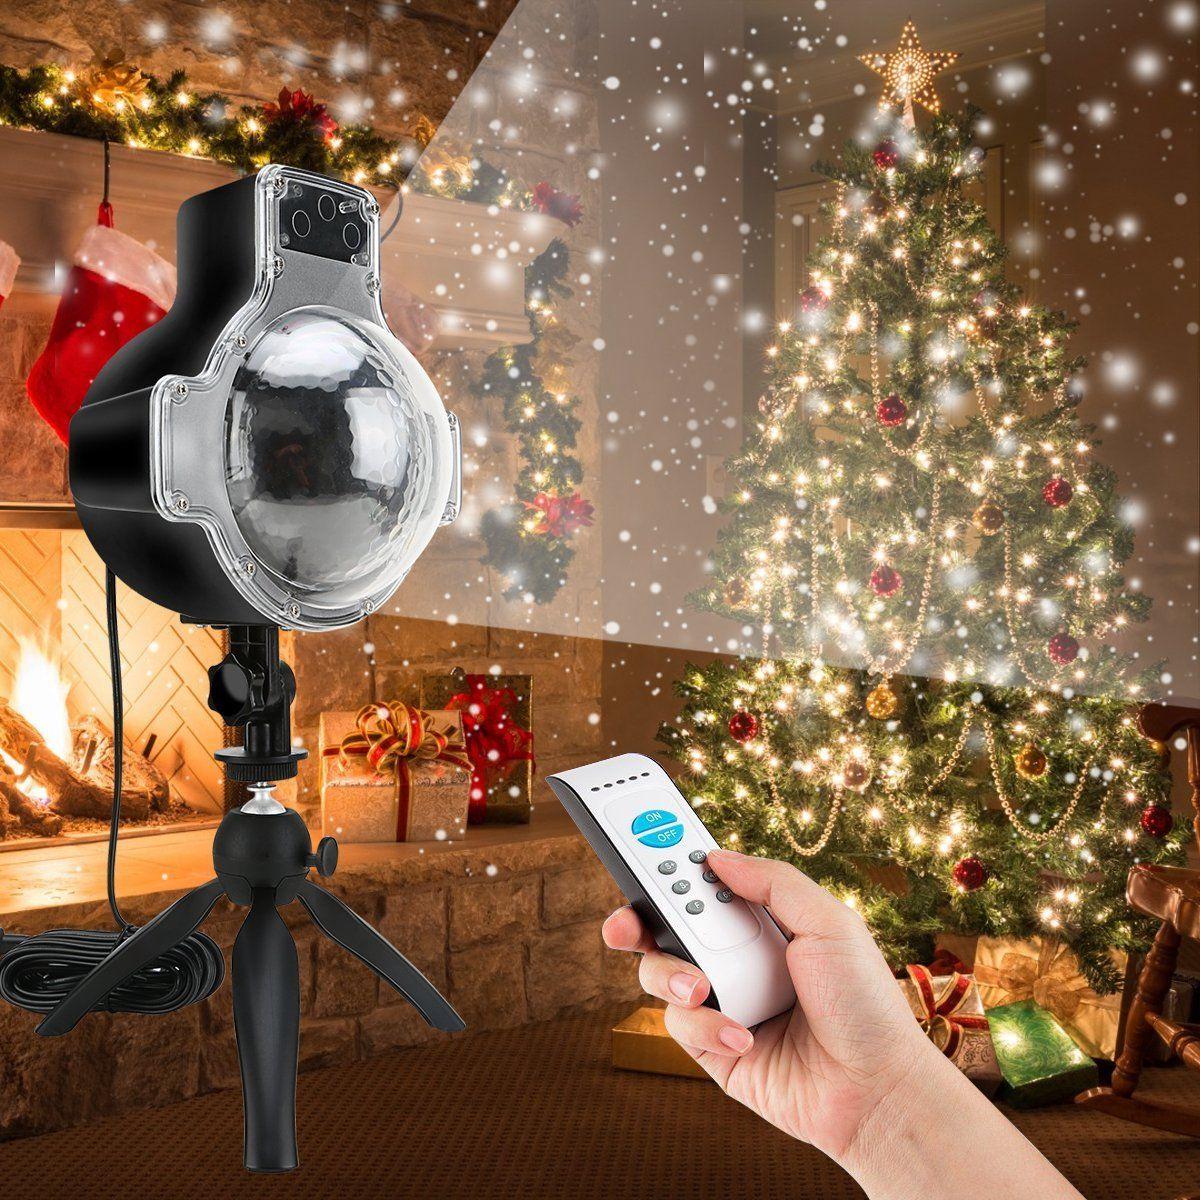 Amazon.com: Snowfall LED Lights Christmas Projector Lights ...